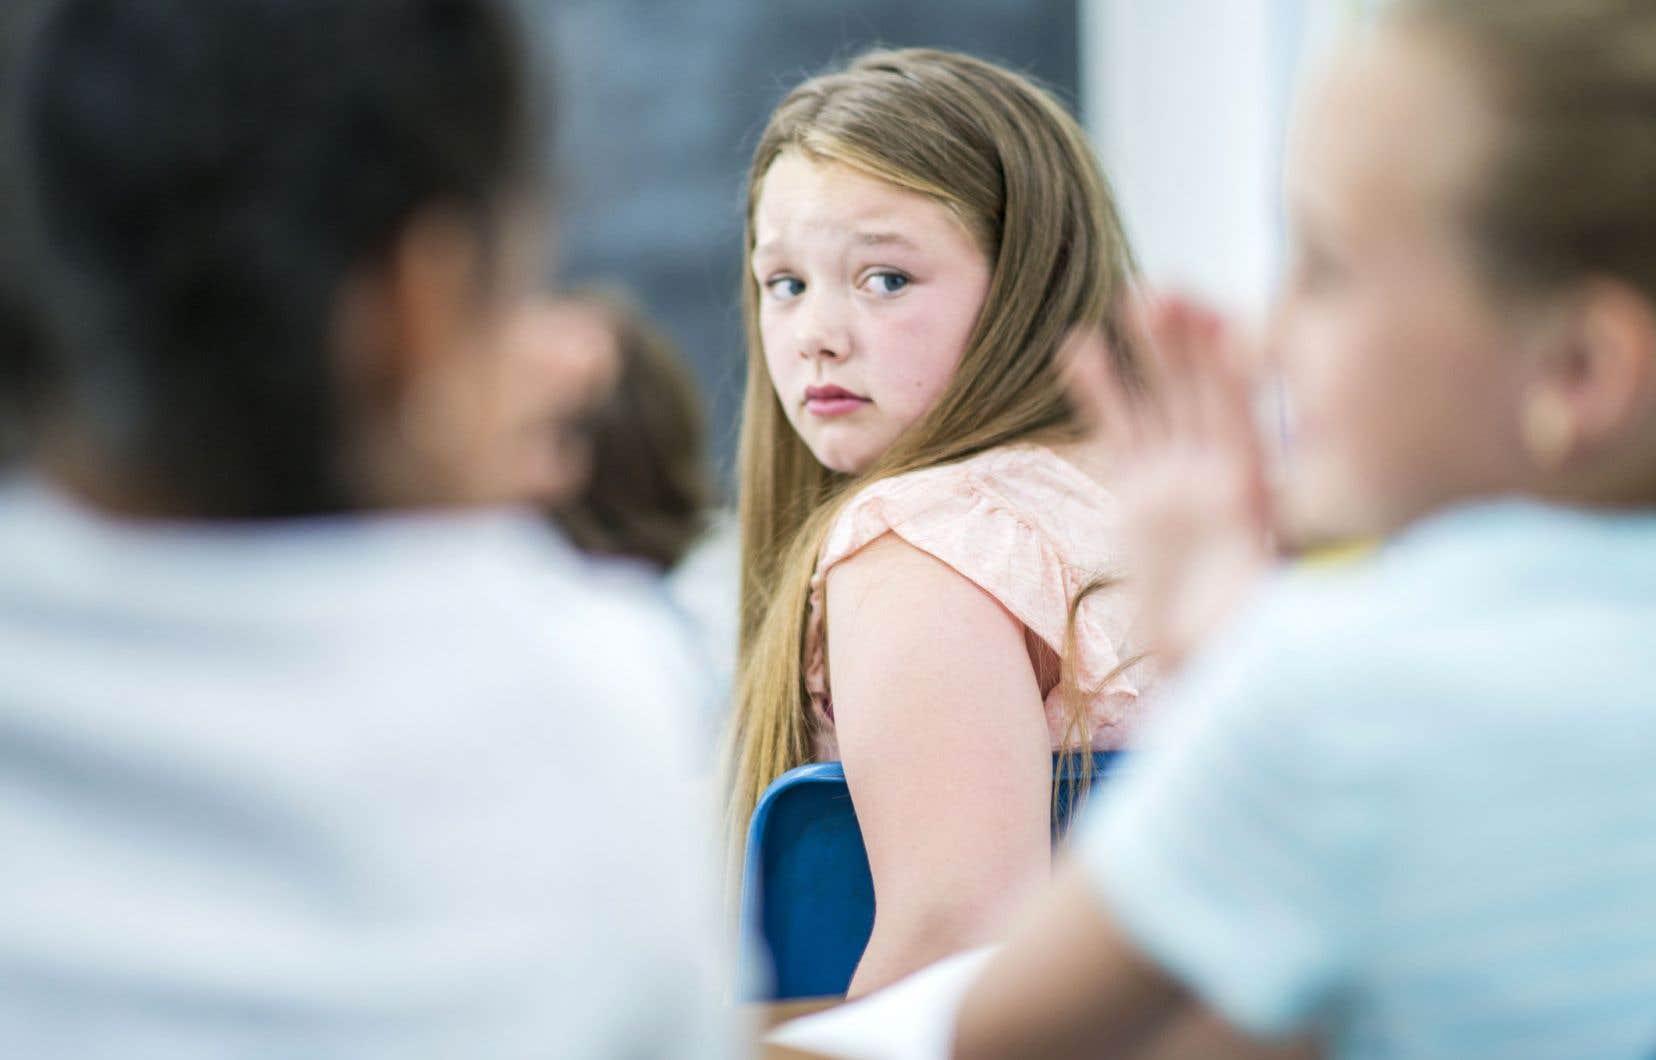 Le président de la FAE rapporte que le budget accordé aux commissions scolaires n'est pas suffisant pour pallier les différents problèmes auxquels font face les élèves: handicap physique, décrochage scolaire, problème d'attention, besoins en orthophonie, etc.